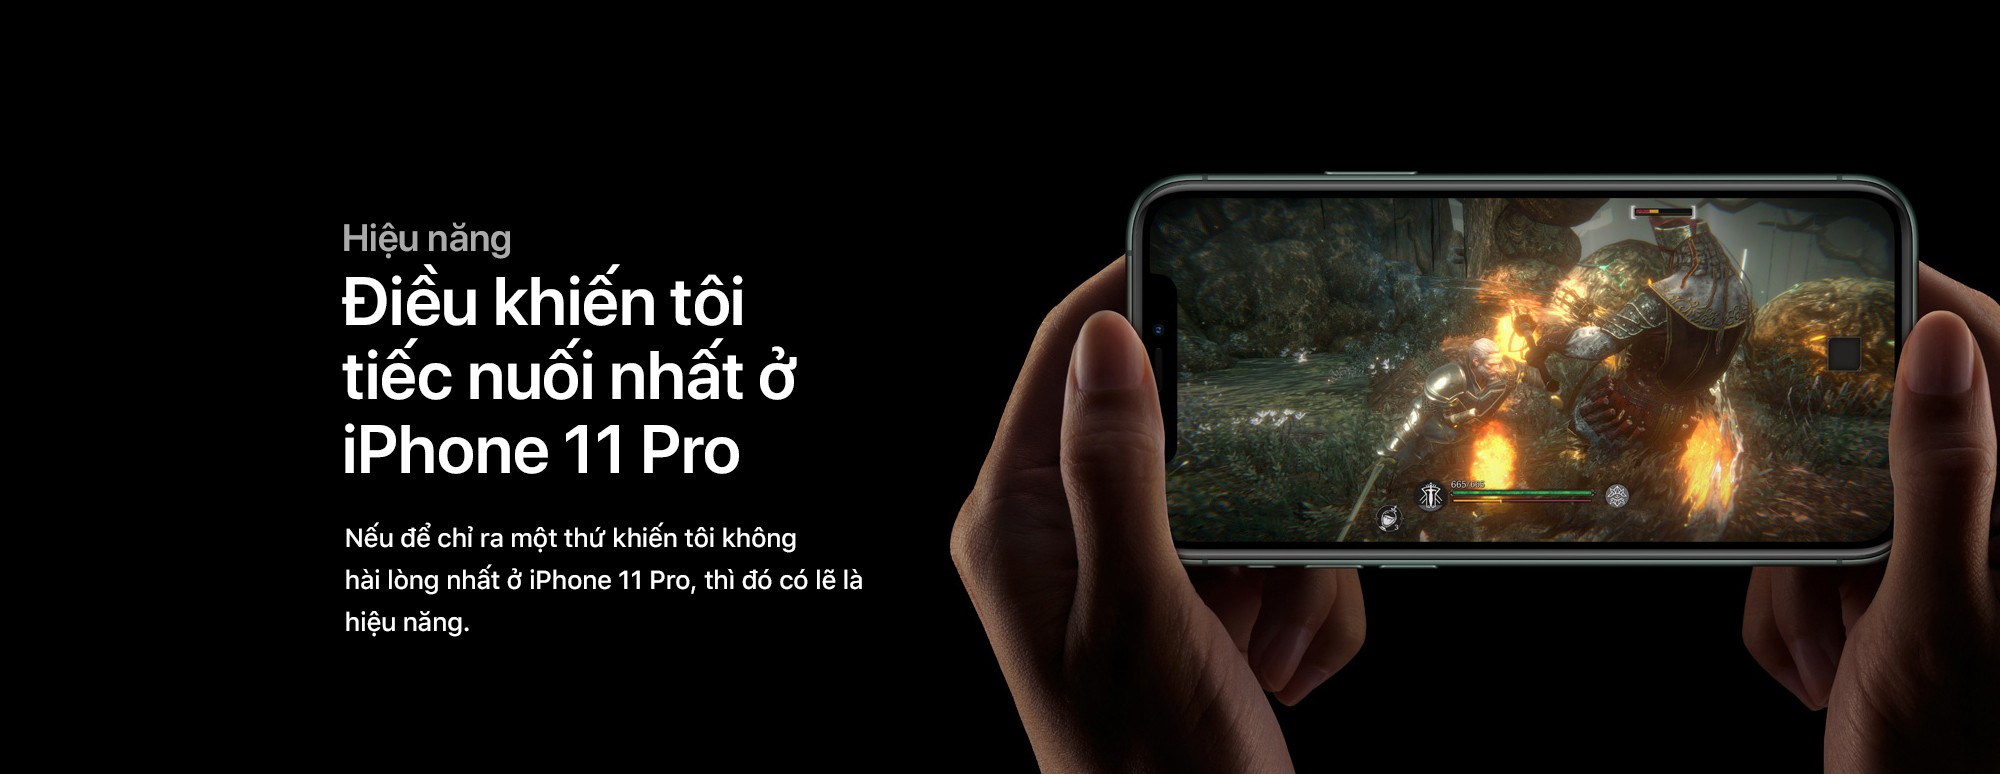 Đánh giá iPhone 11 Pro: Không phải người đi đầu, nhưng vẫn là người dẫn đầu - Ảnh 34.